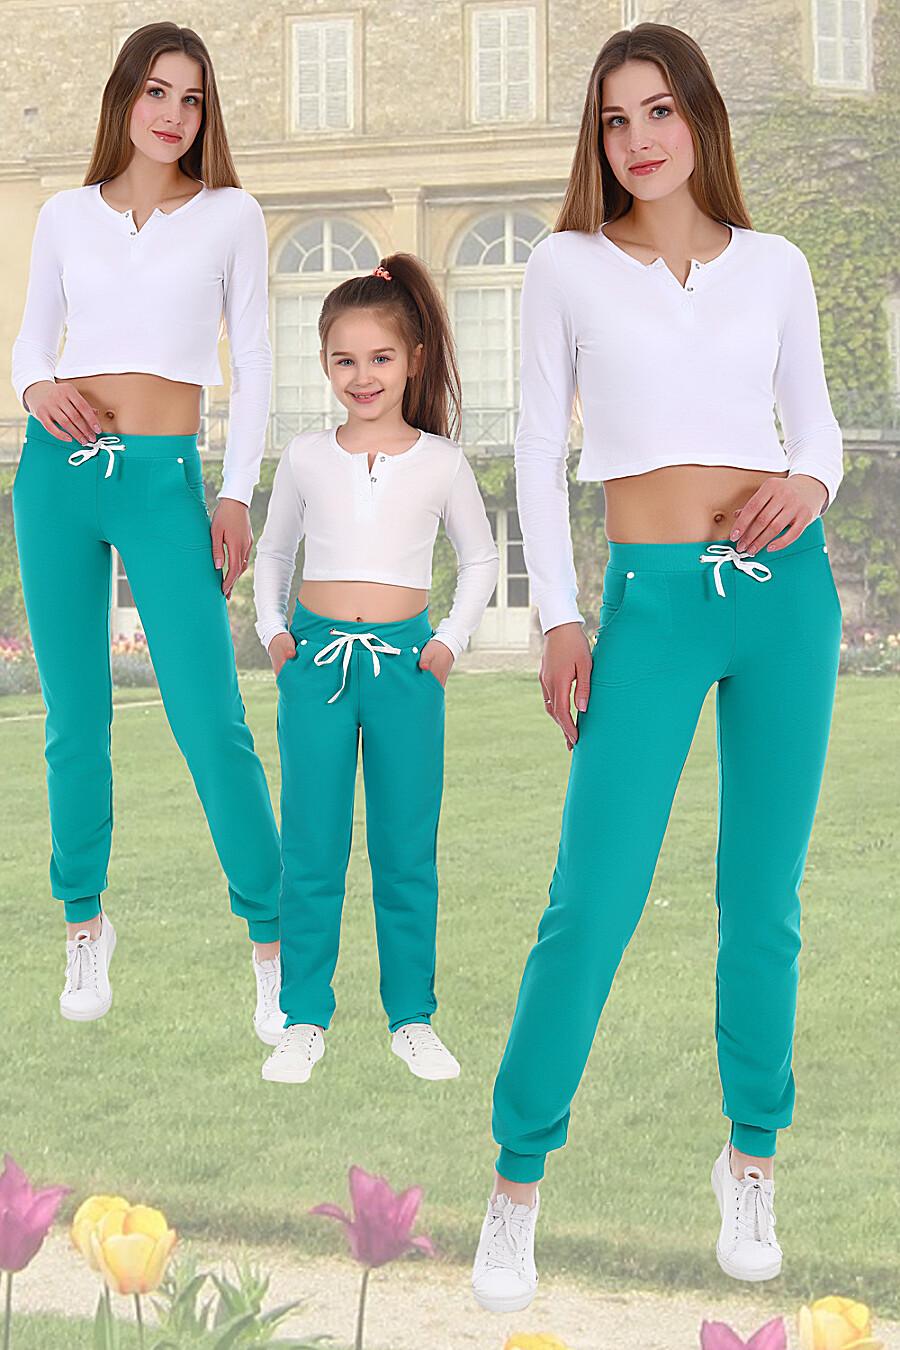 Брюки Клад для женщин НАТАЛИ 682847 купить оптом от производителя. Совместная покупка женской одежды в OptMoyo